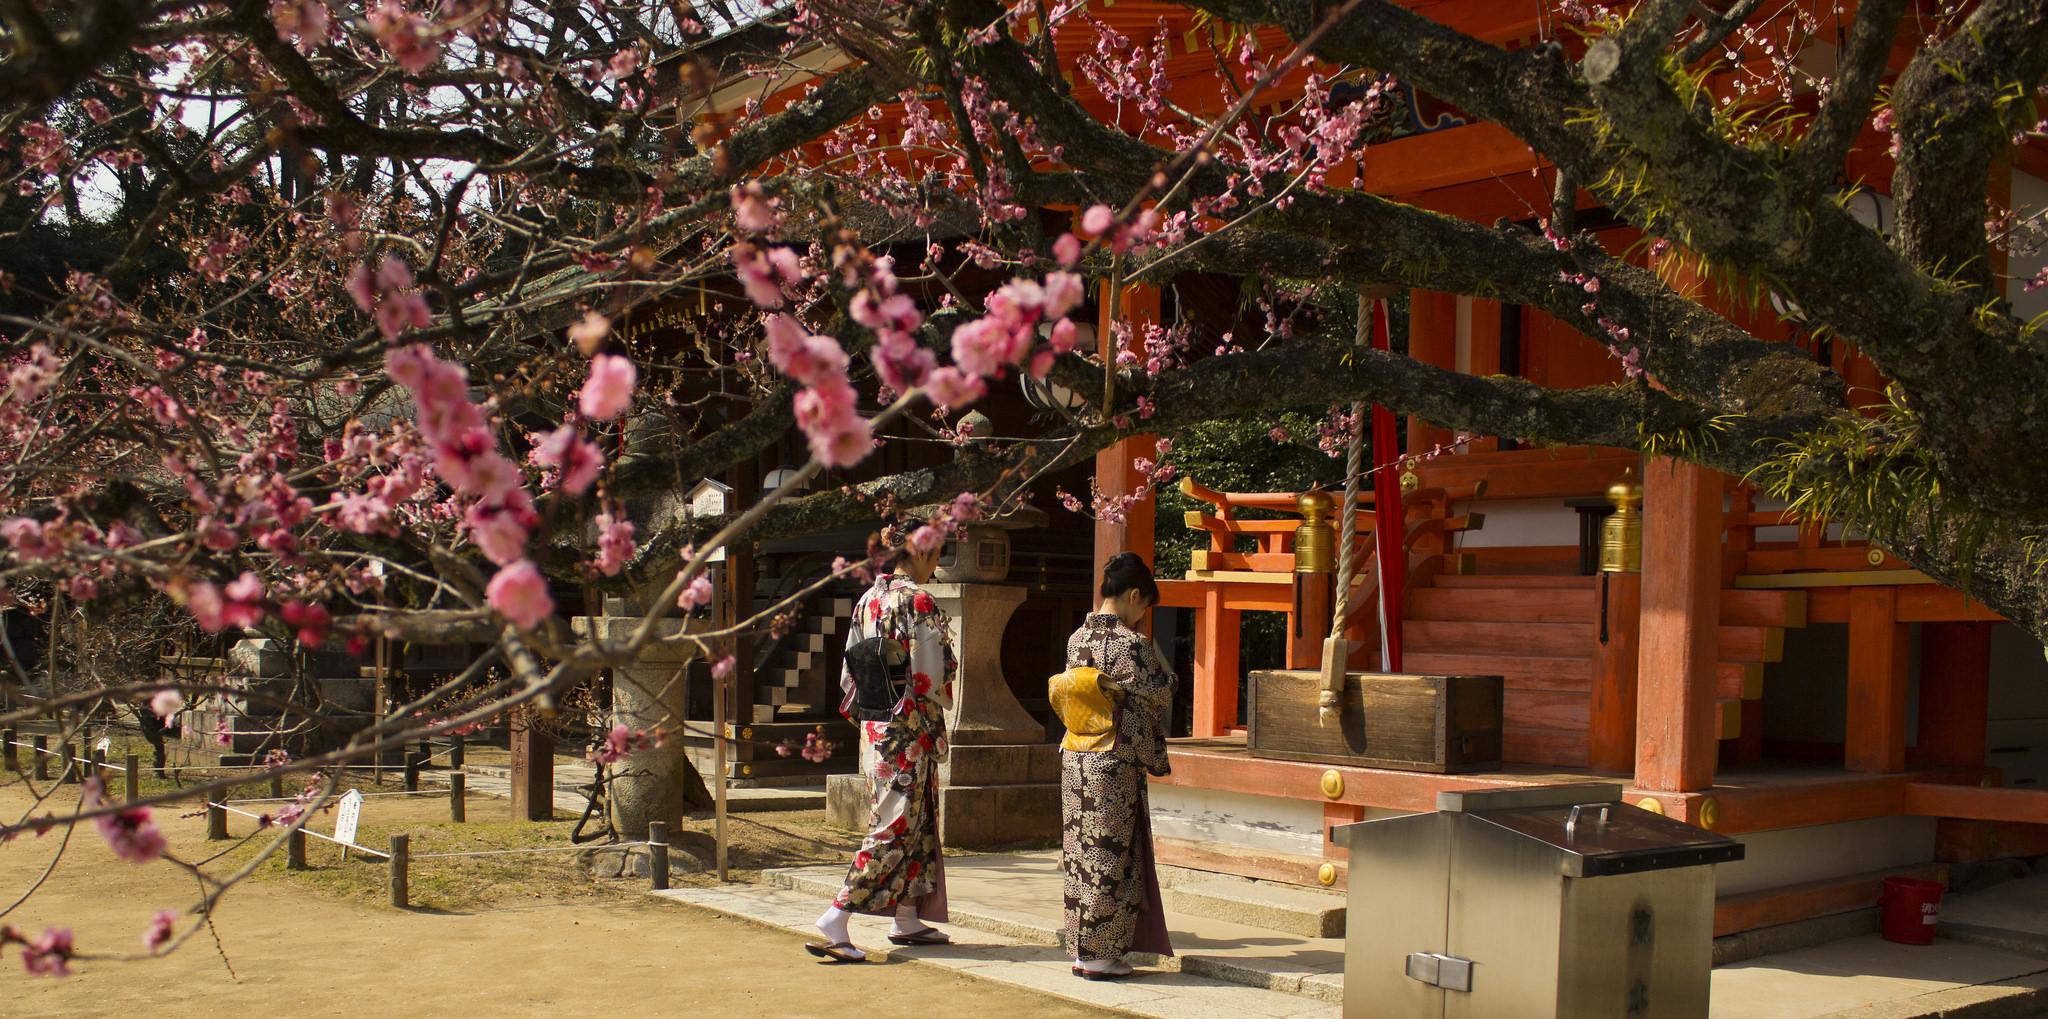 Baikasai Plum Blossom Festival